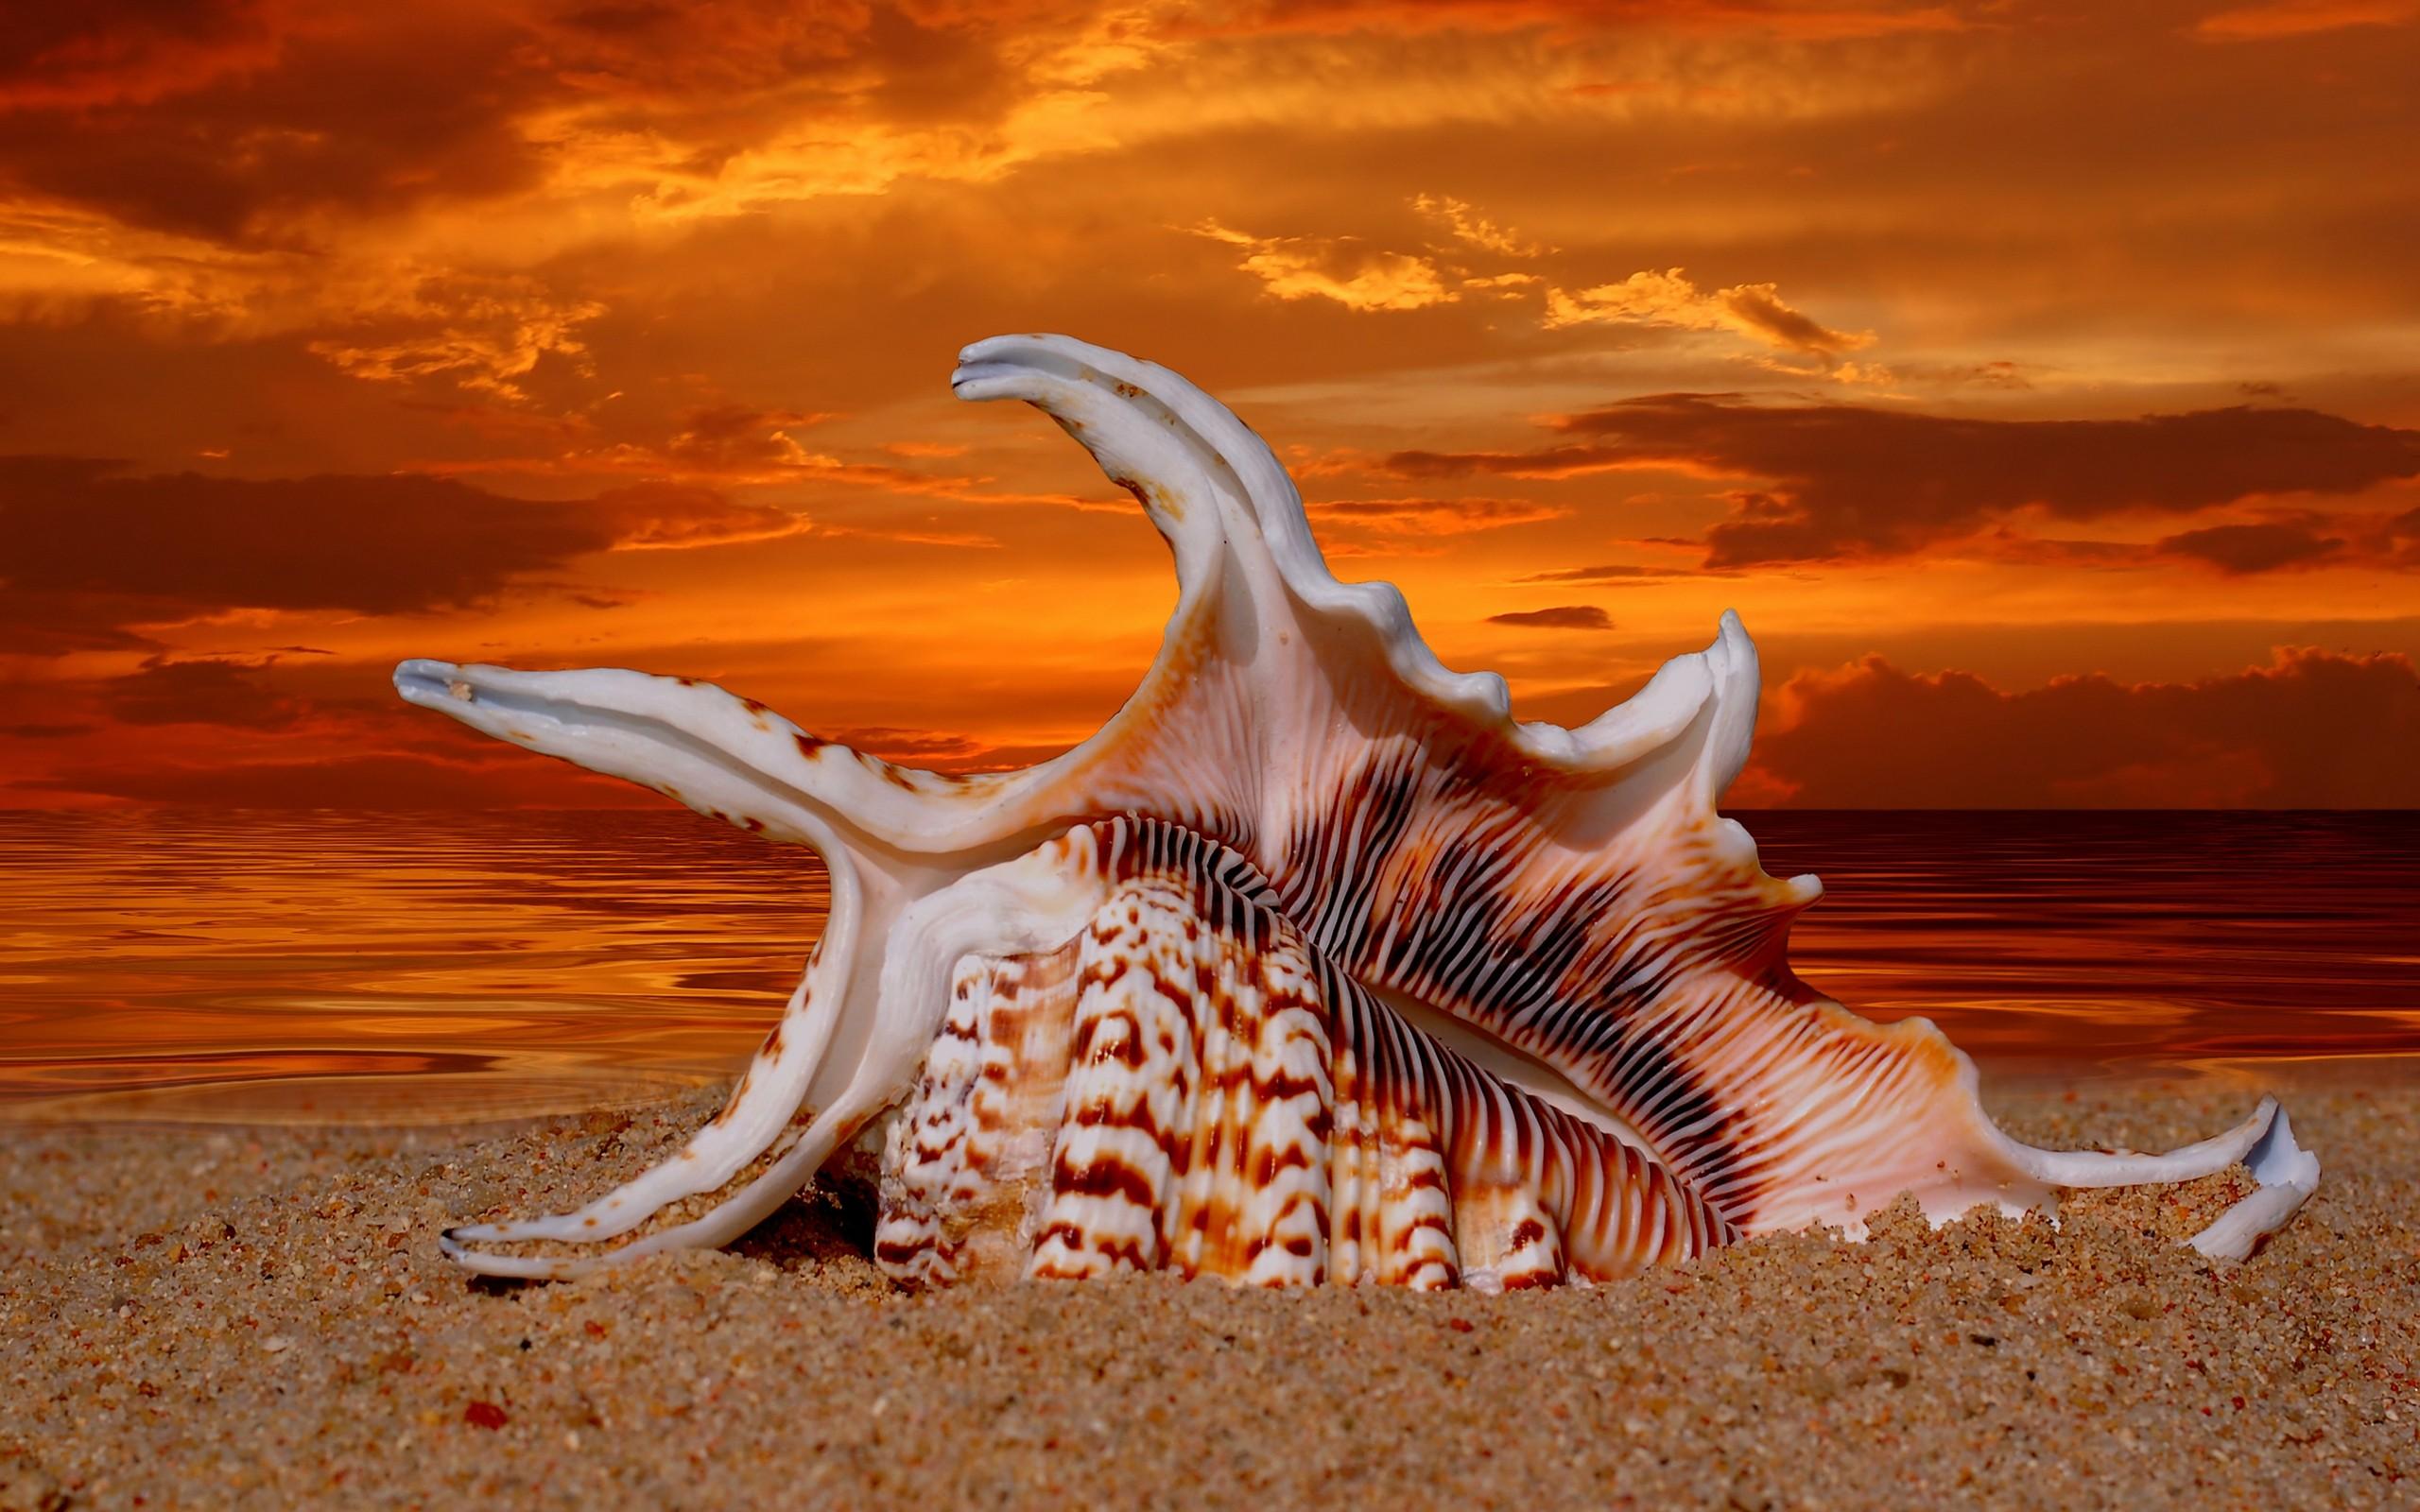 Conchas en las playas - 2560x1600